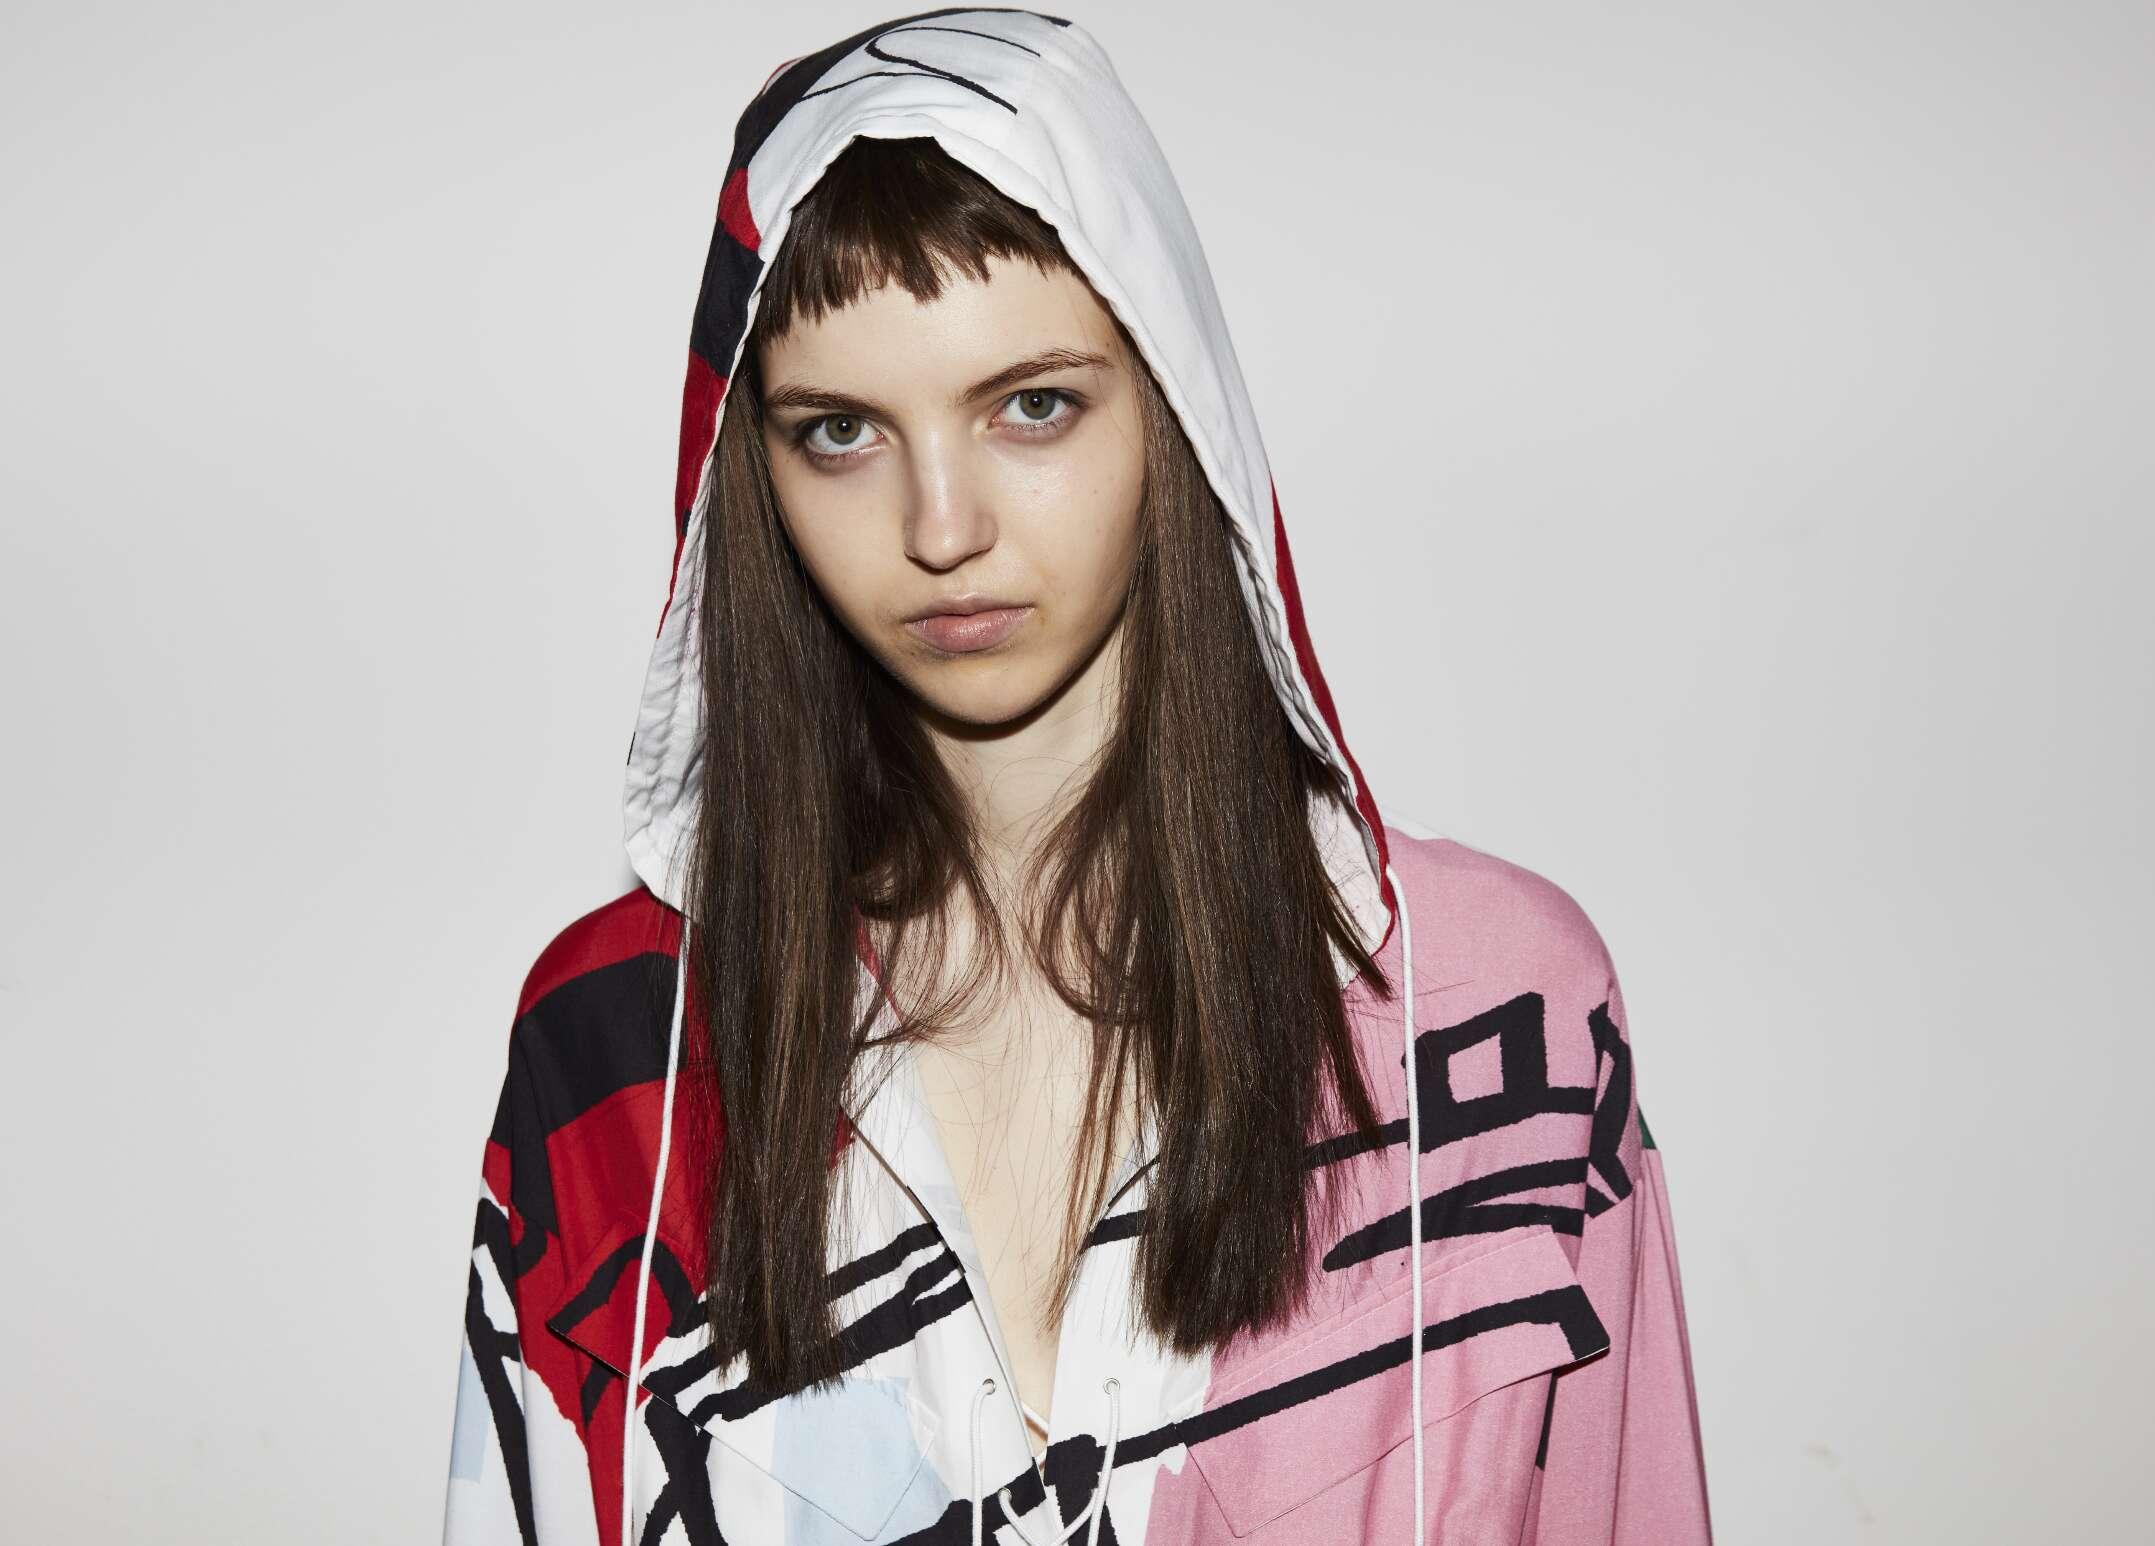 Woman Model Lacoste